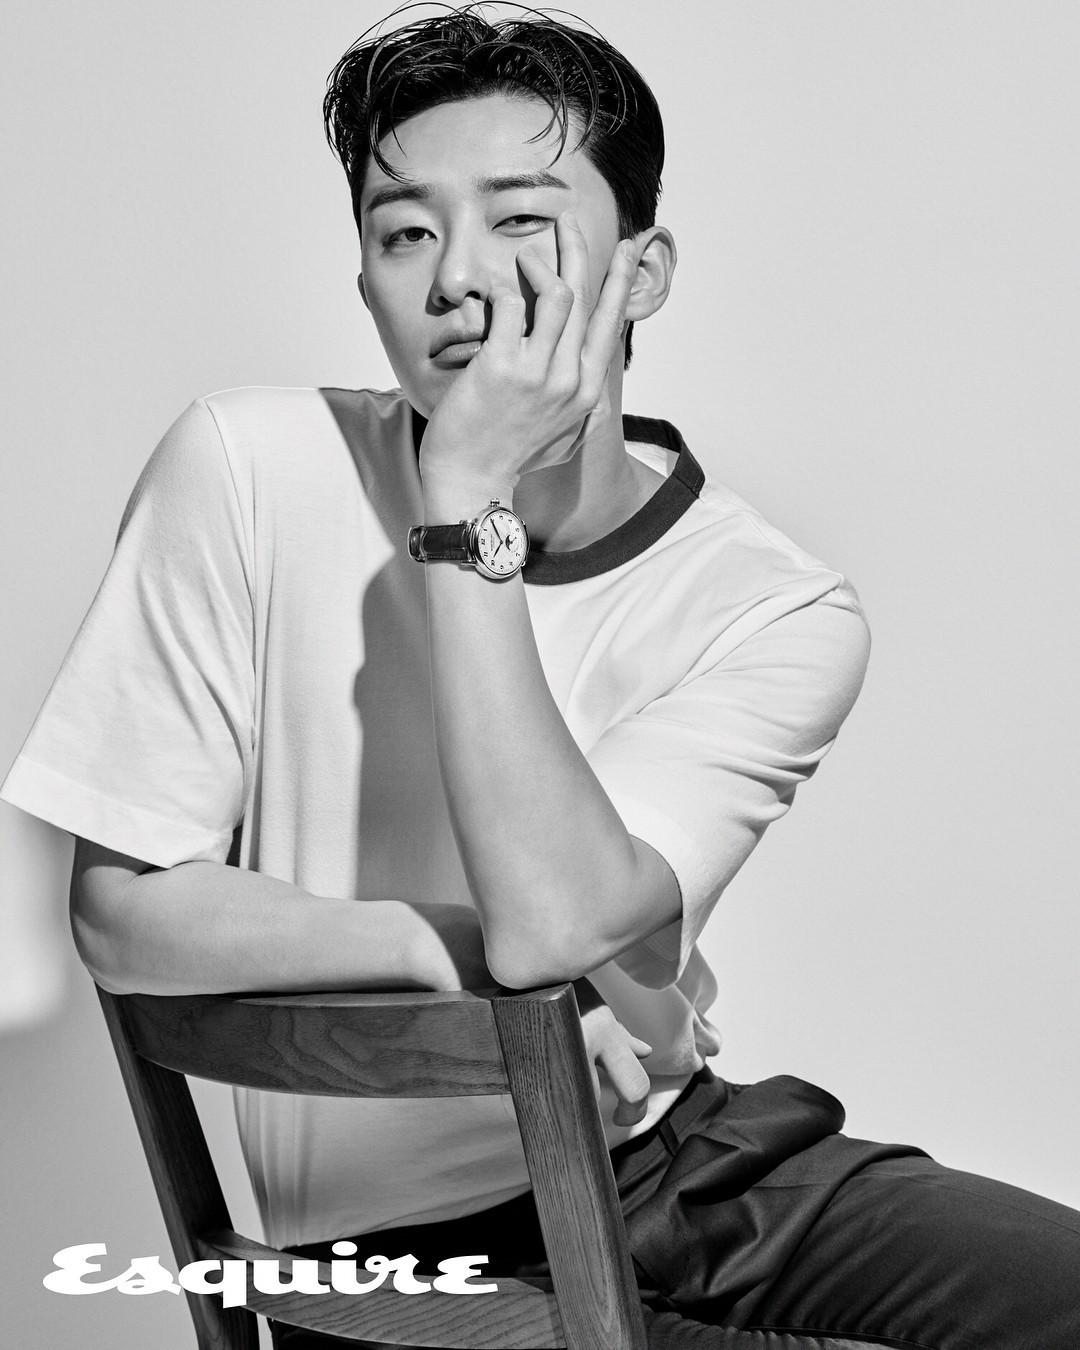 Park Seo Joon - nam thần không chỉ điển trai mà còn mặc đẹp từ phim đến đời thực - Ảnh 1.